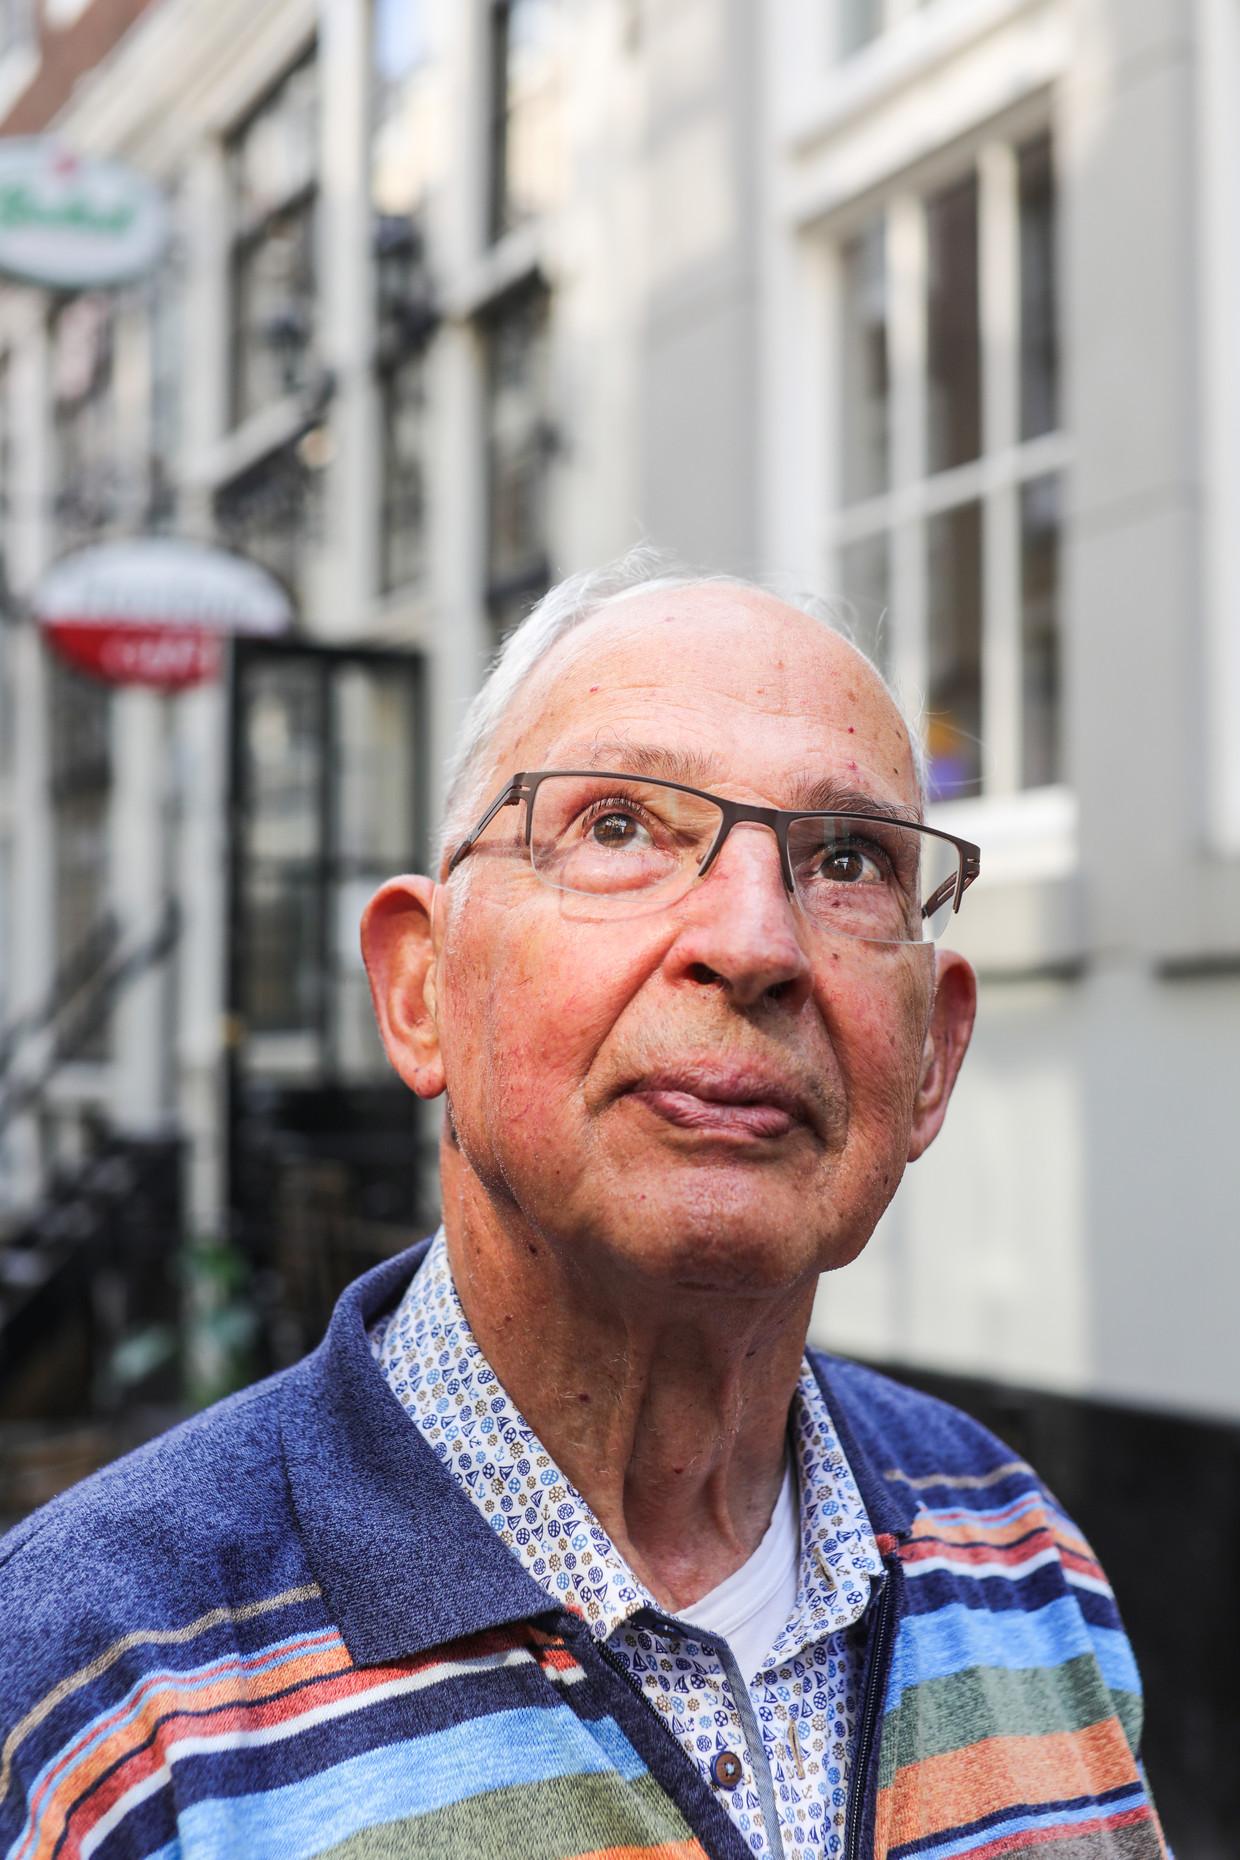 Jan Kloppenburg: 'Iemand die hier over honderd jaar loopt, moet zich ook nog een beeld kunnen vormen wat daar gebeurd is.' Beeld Eva Plevier